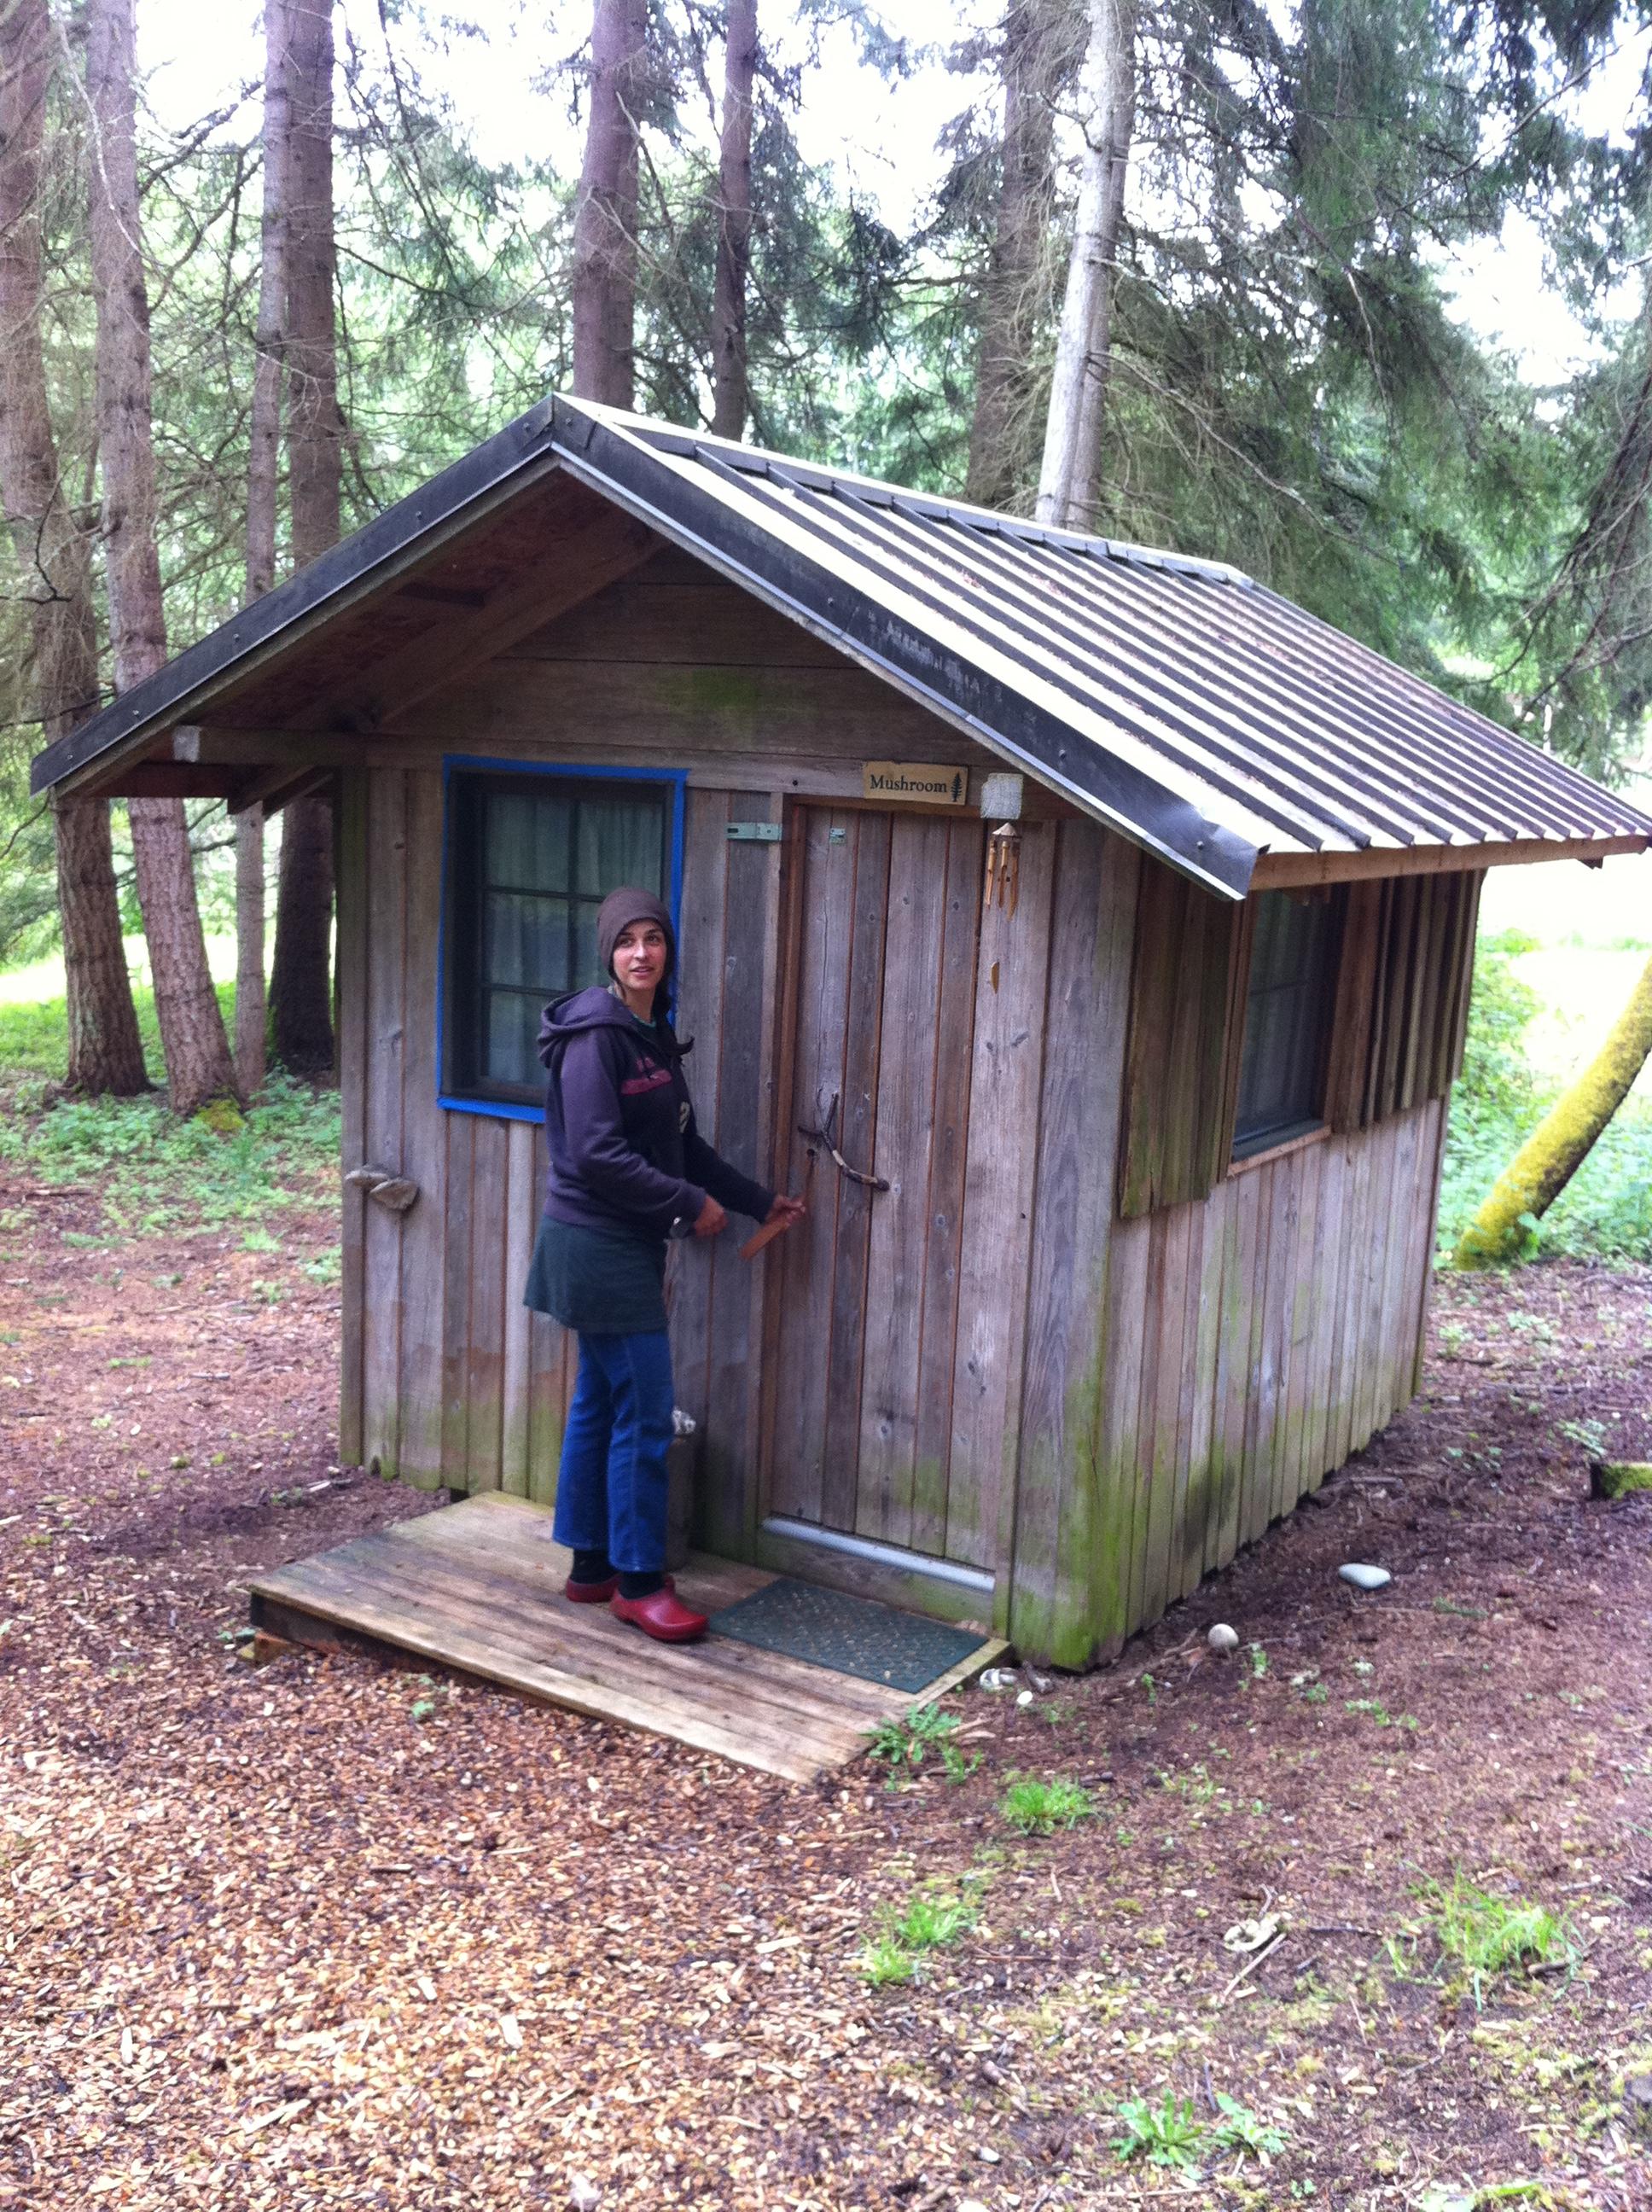 Cabin Deedsdesign